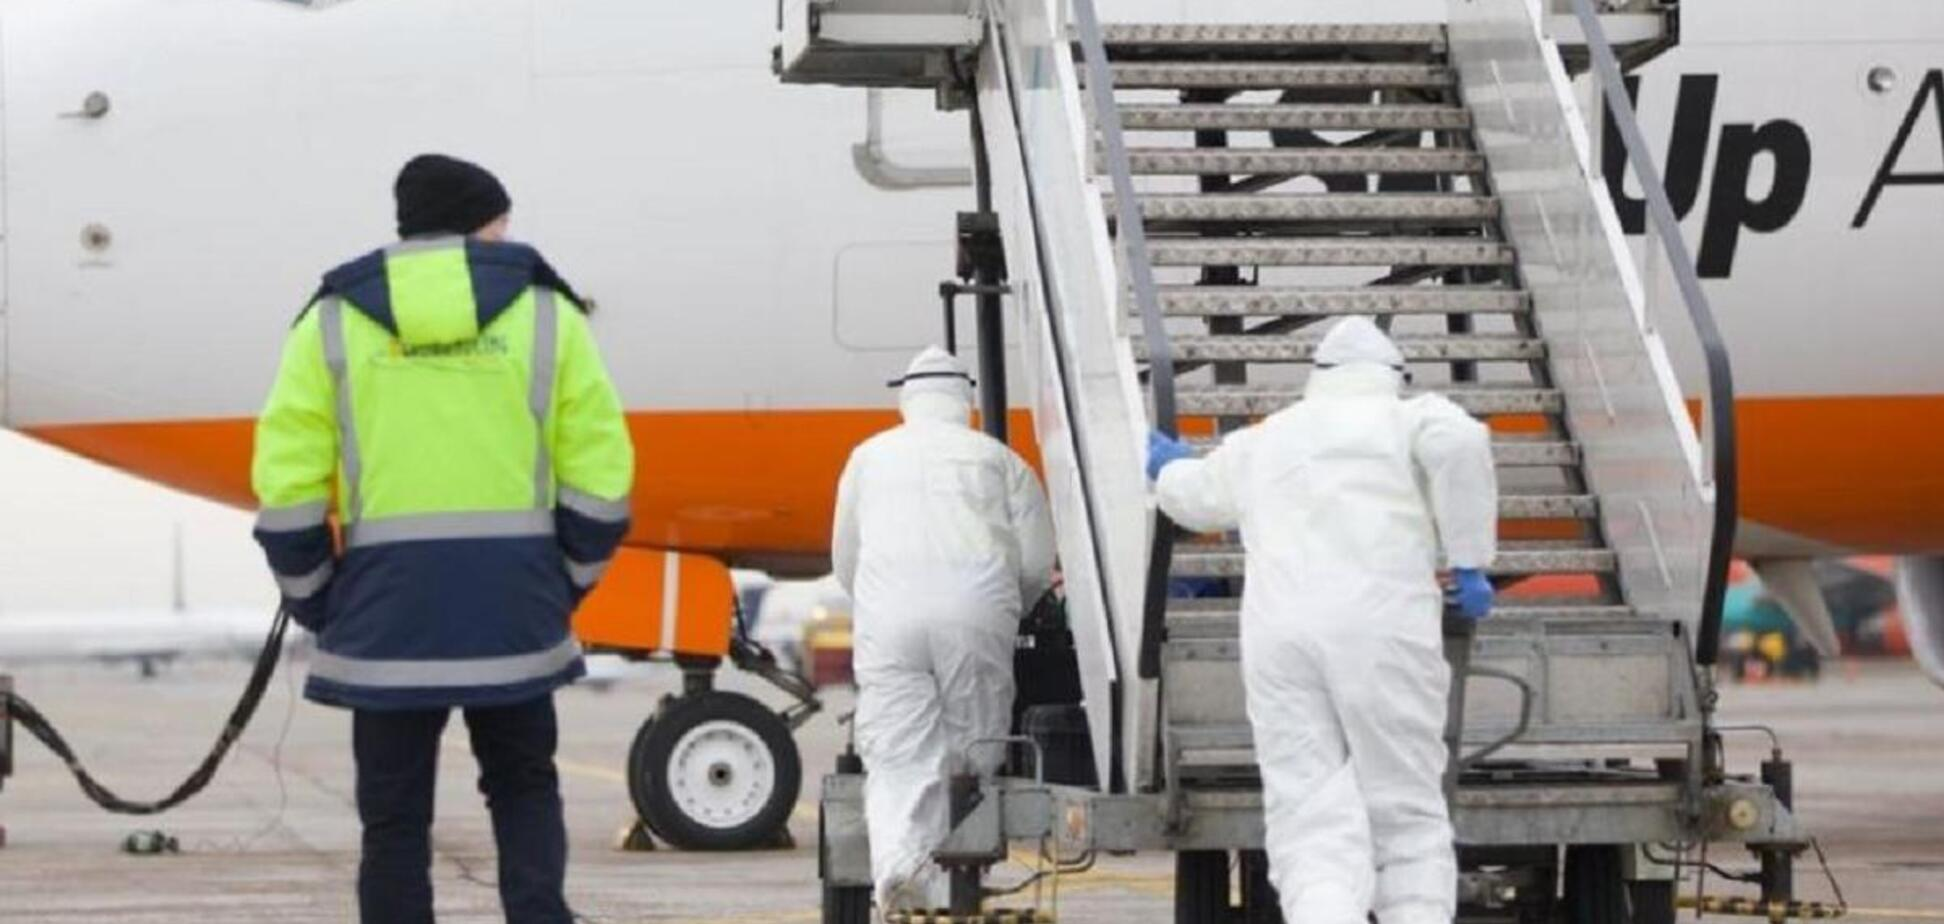 МИД атаковали советами не эвакуировать украинцев из-за коронавируса: Кулеба дал жесткий ответ